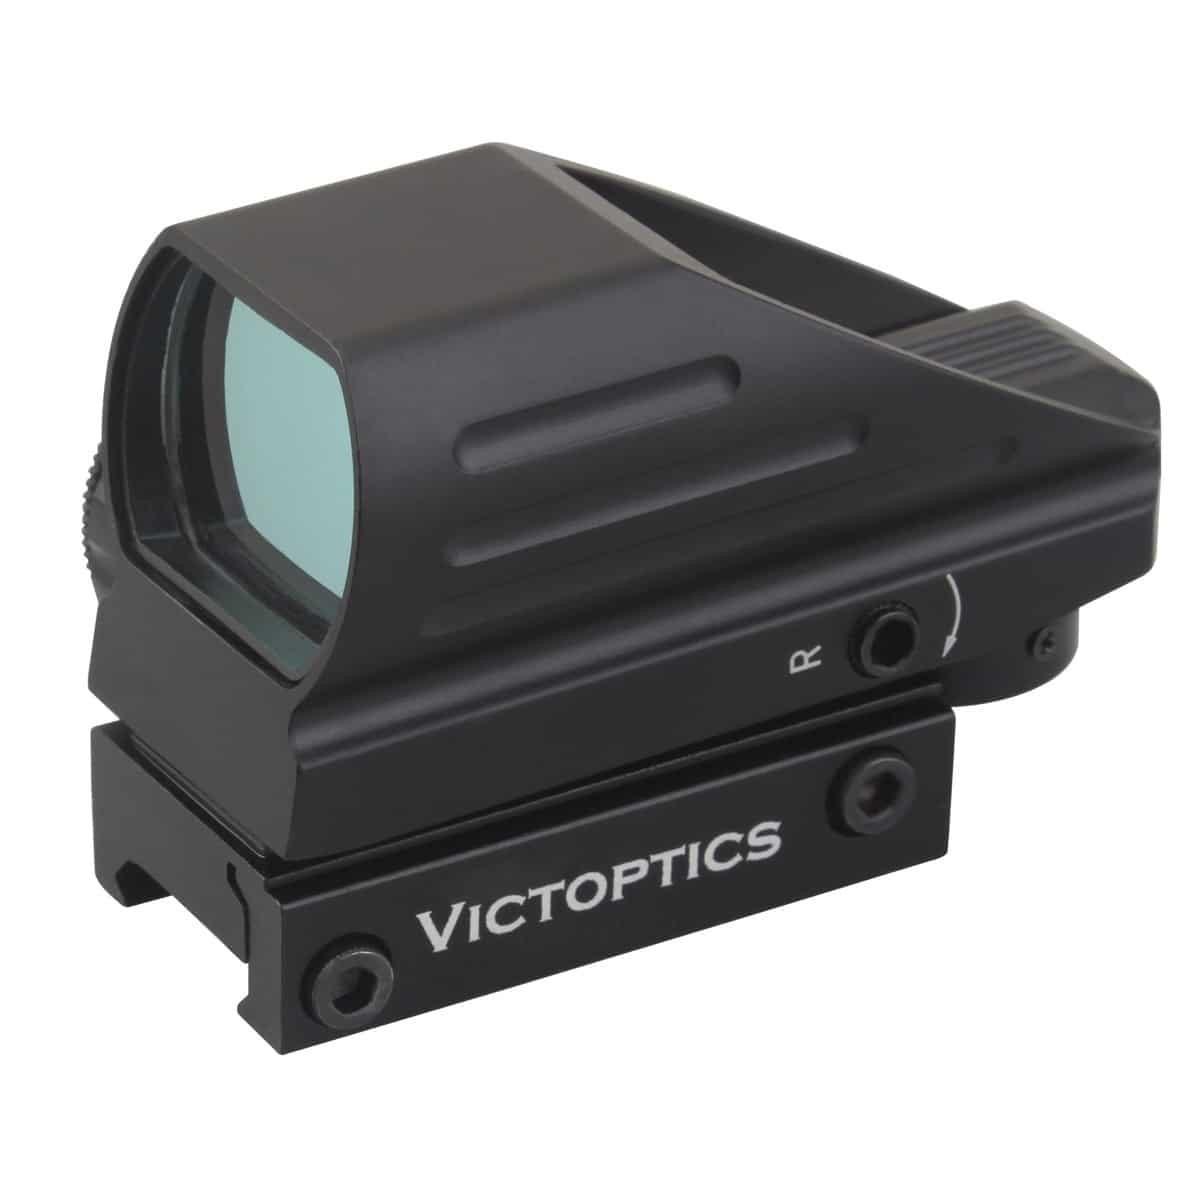 Vector Optics RDSL03 Victoptics 1x22x33